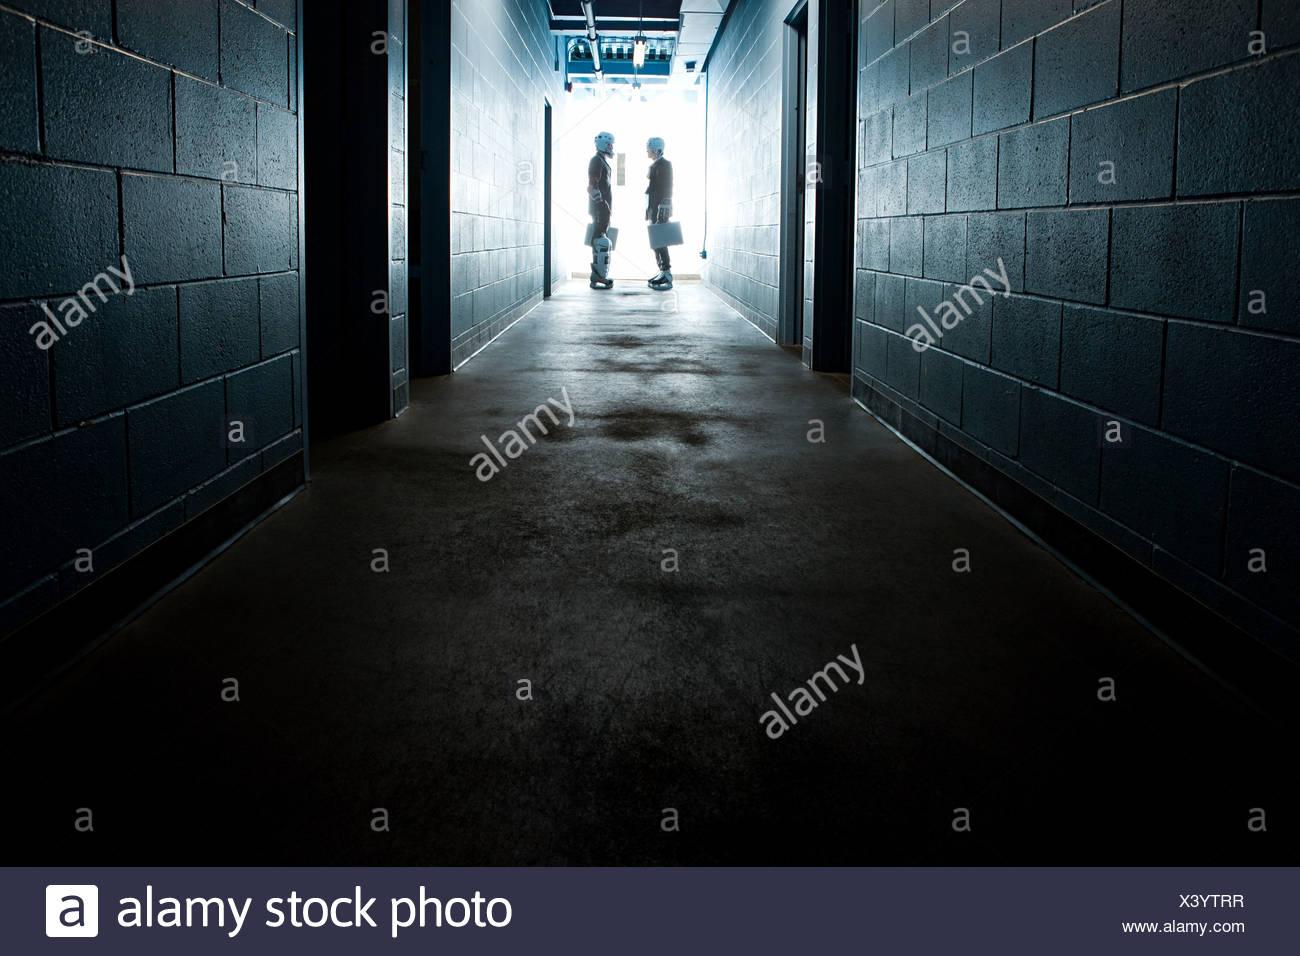 Deux hommes portant des uniformes de hockey sur glace Photo Stock